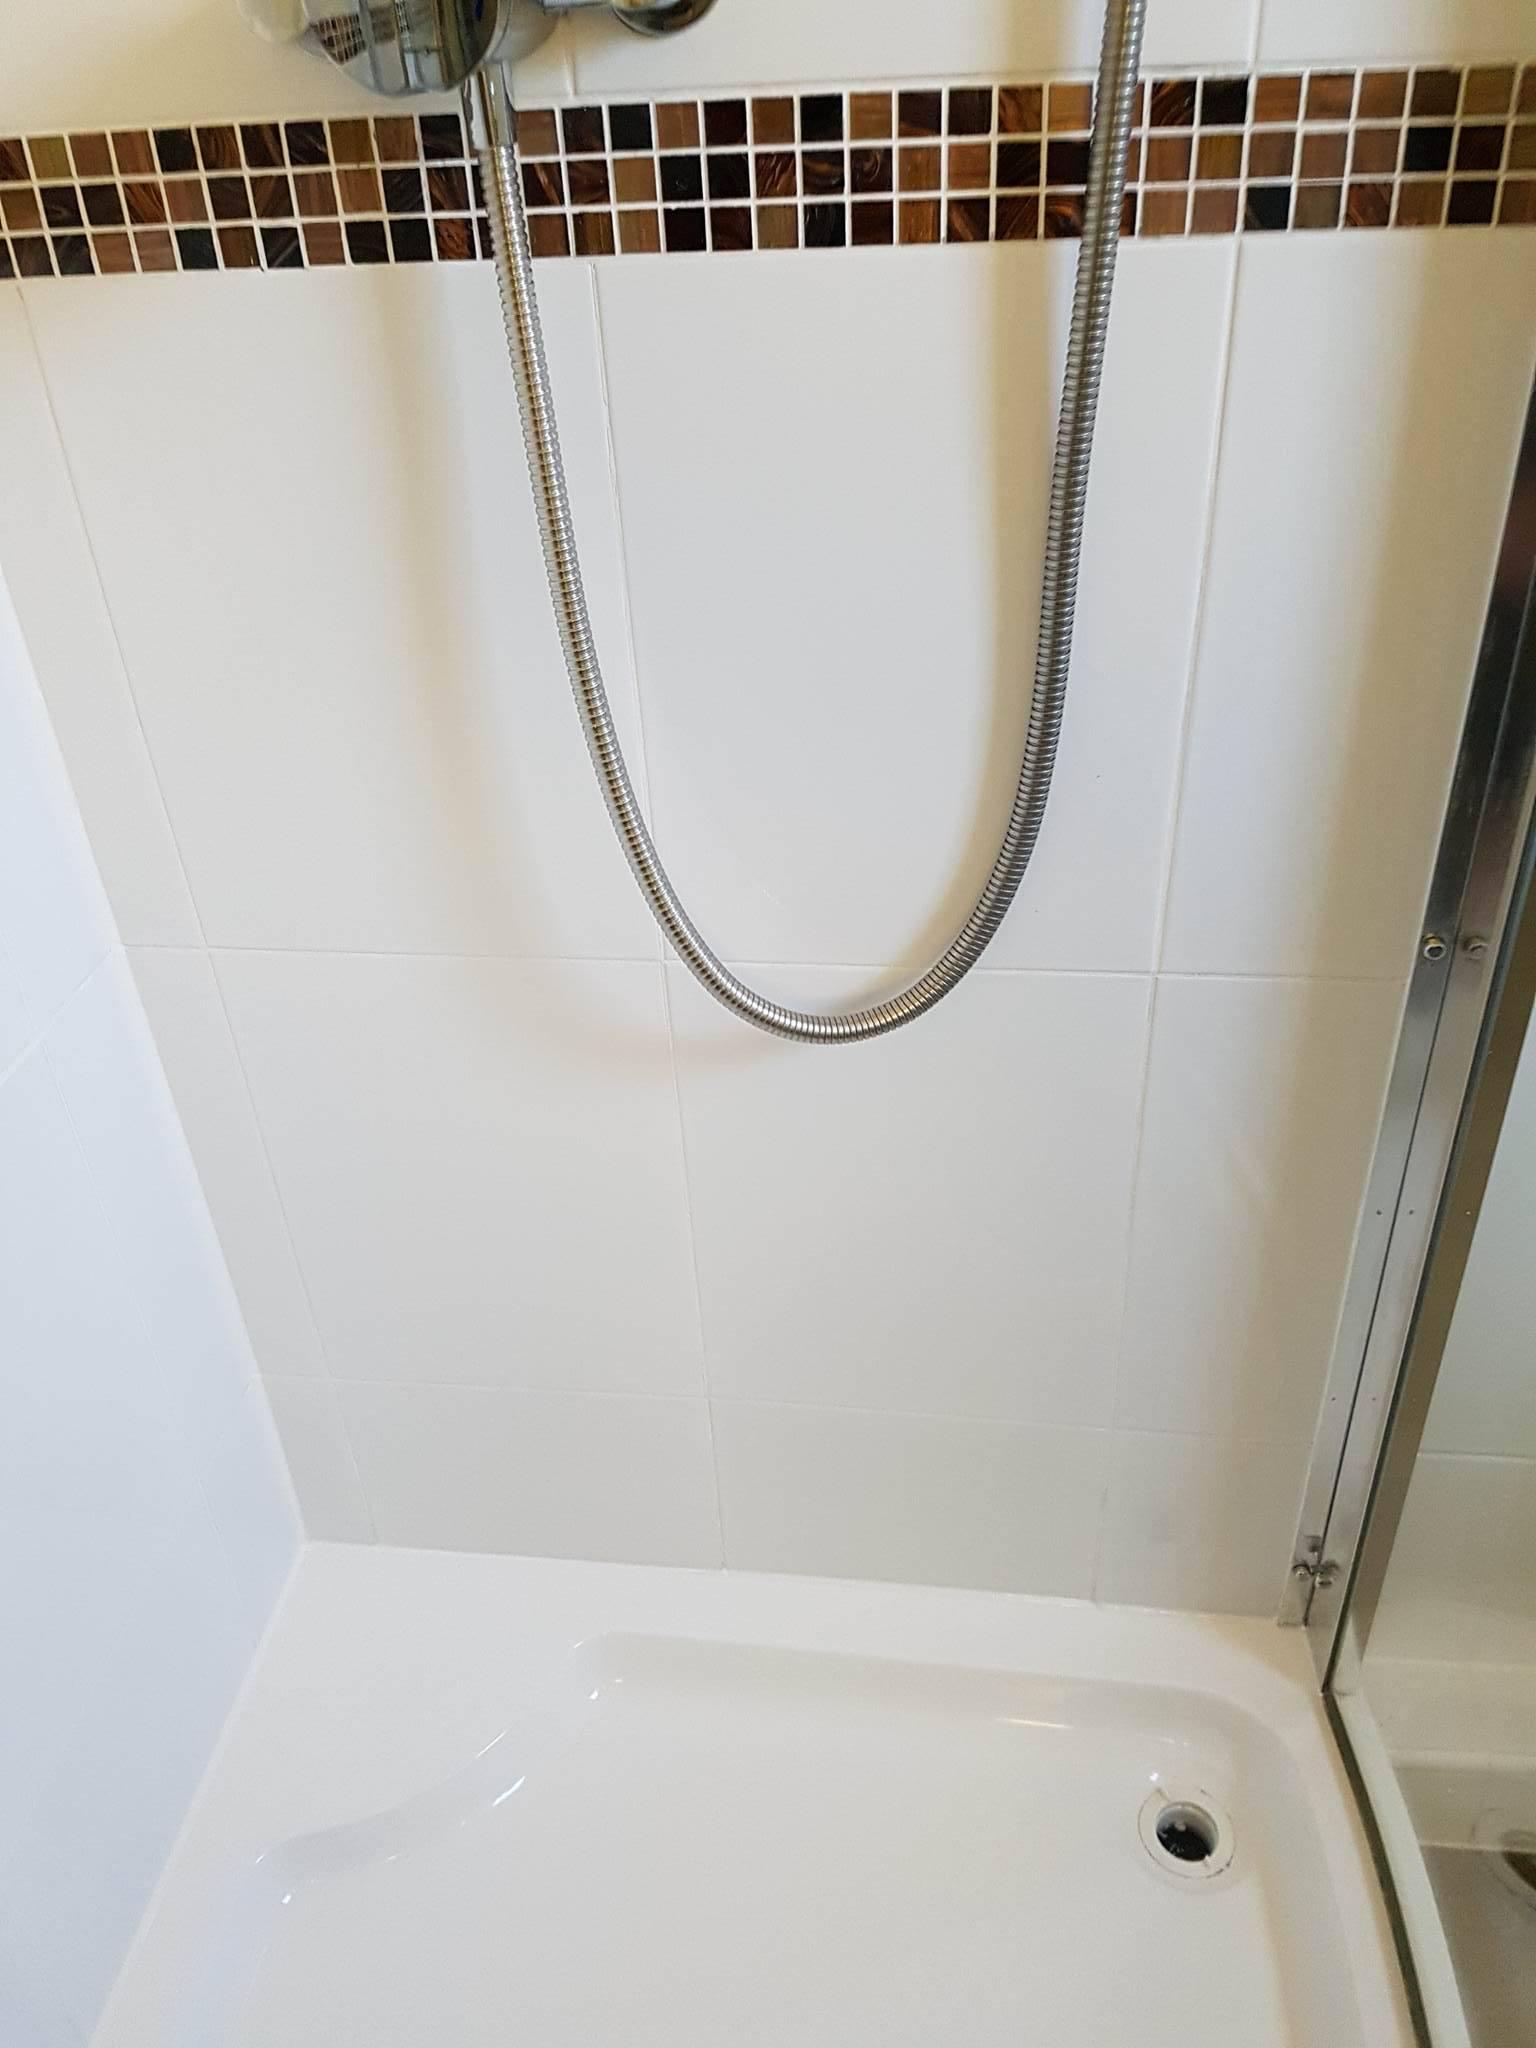 Ceramic Tiled Shower After Restoration Moston